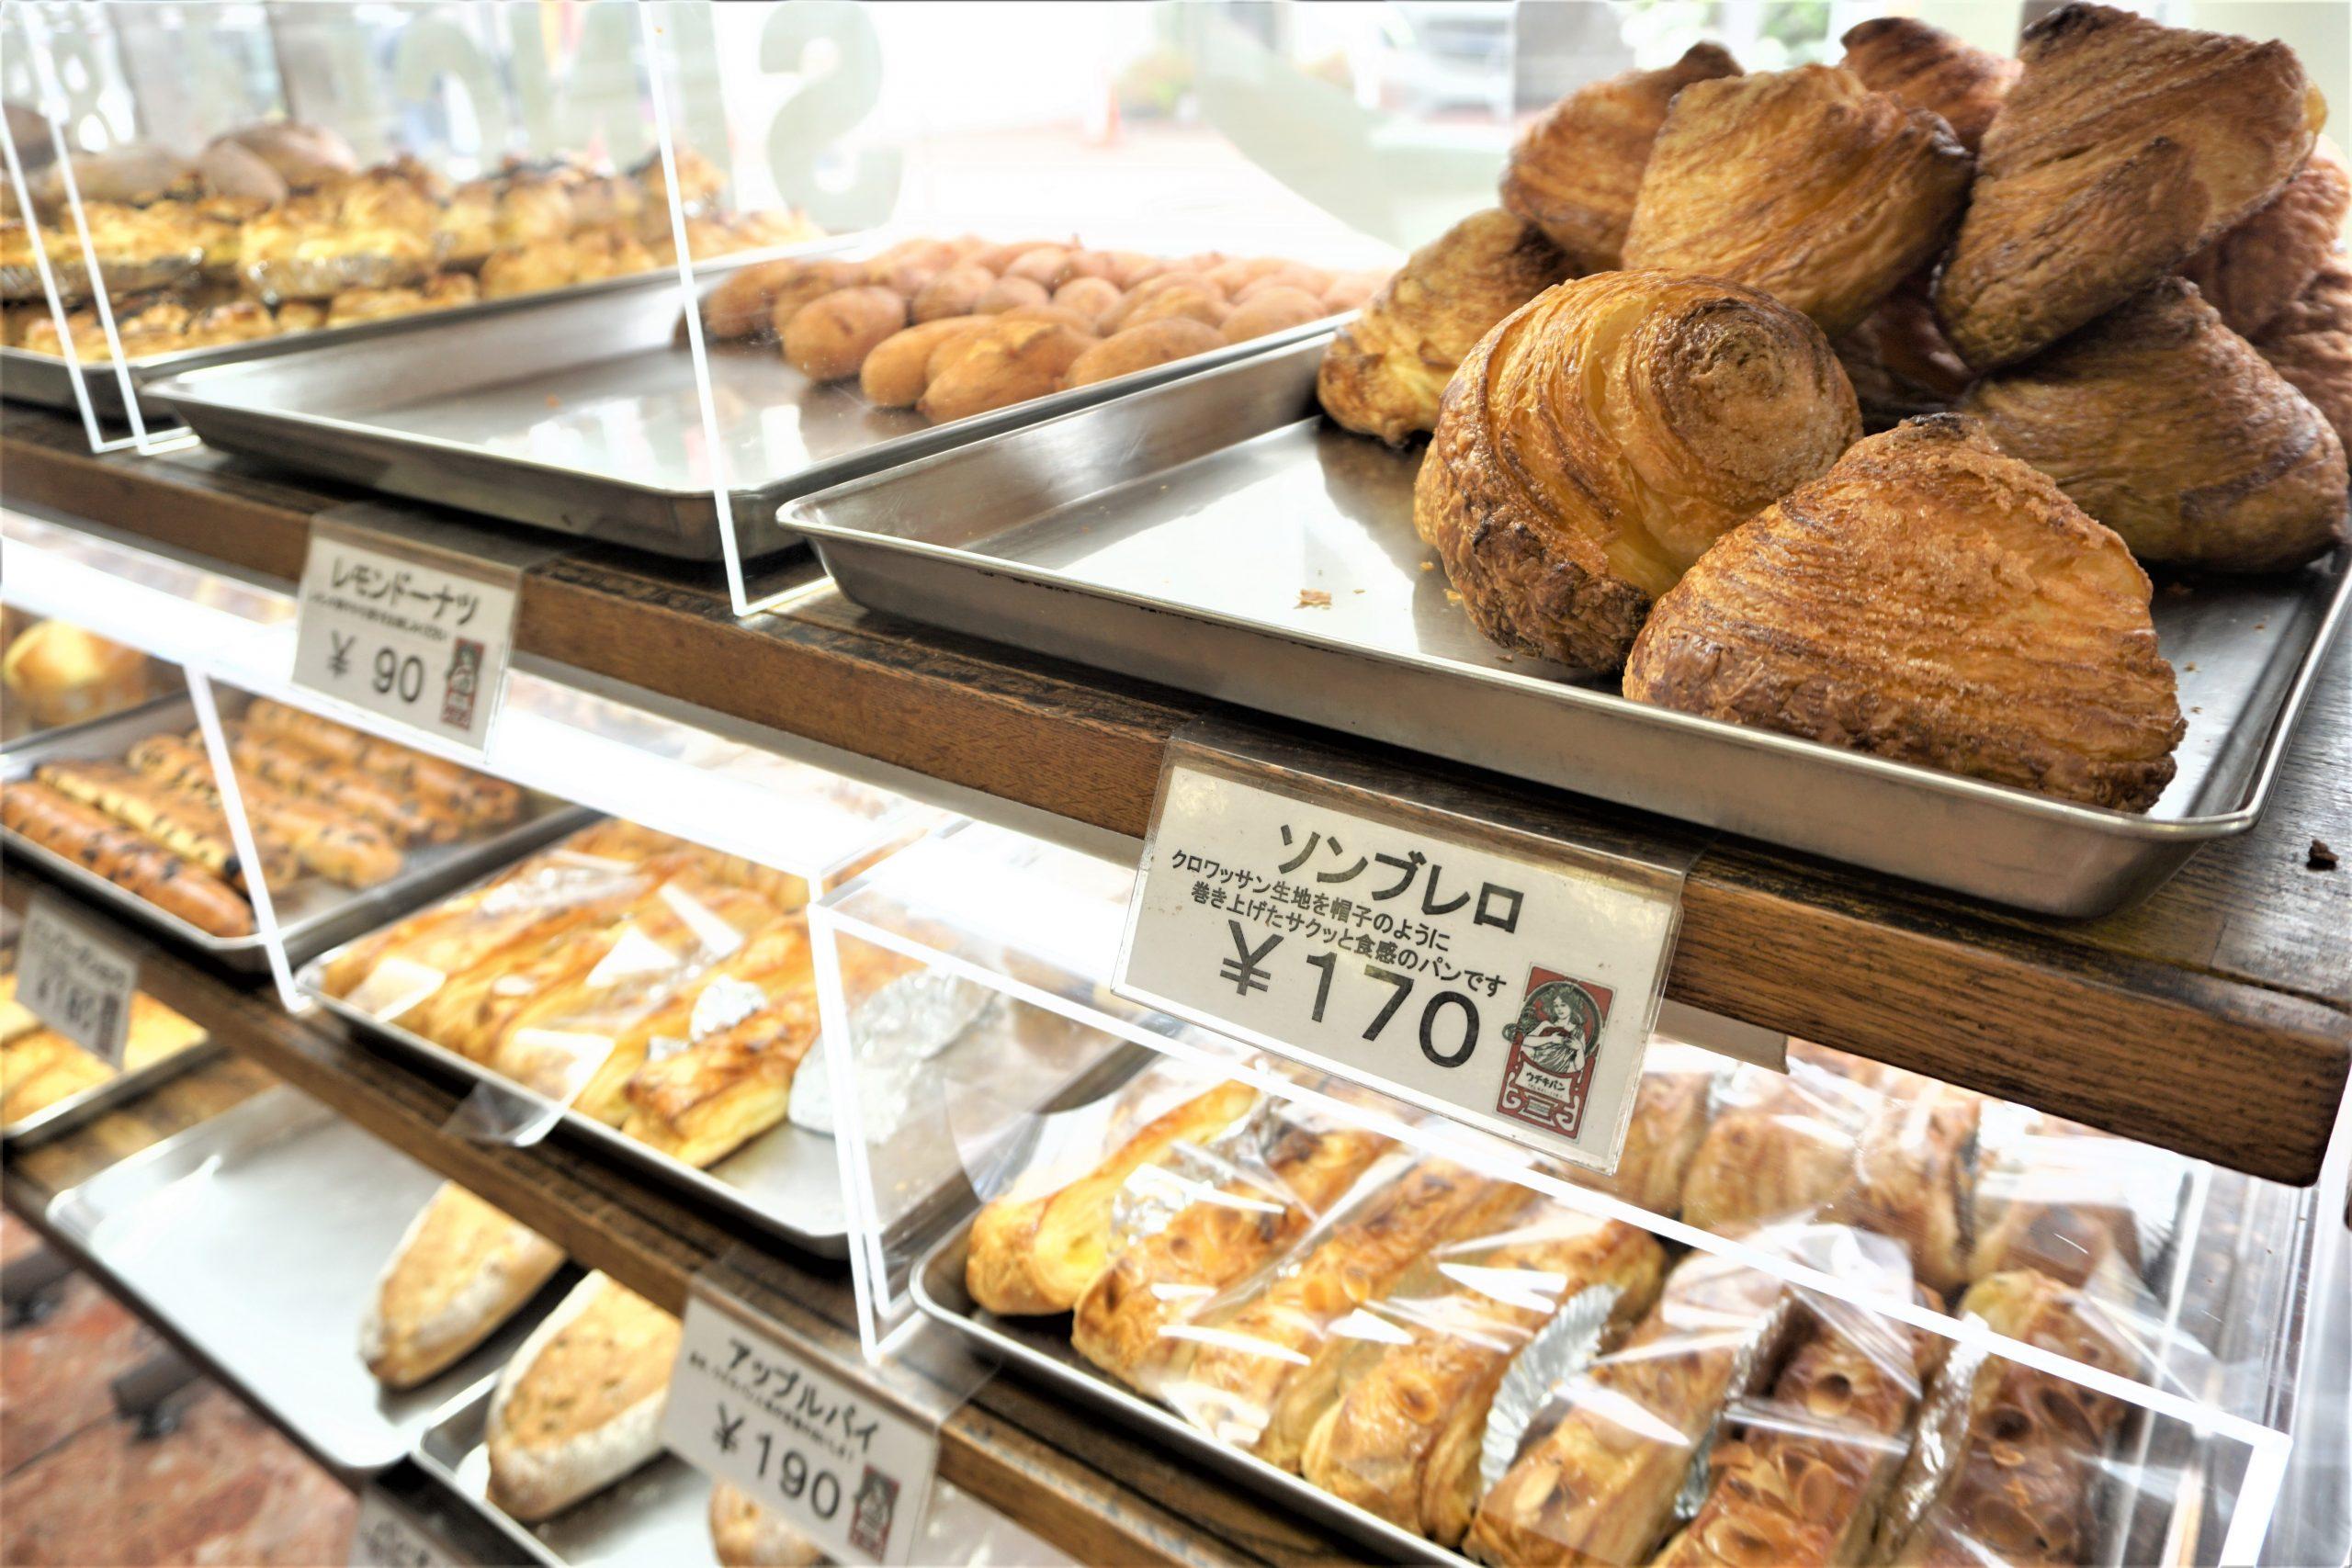 日本の食パン文化は横浜元町「ウチキパン」から始まった!130年続く人気の秘密とは?